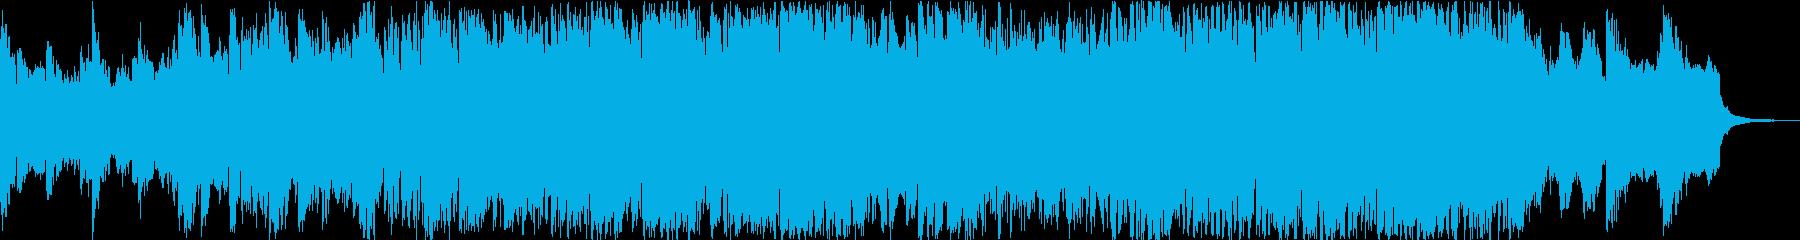 荘厳な和風フルオーケストラの再生済みの波形